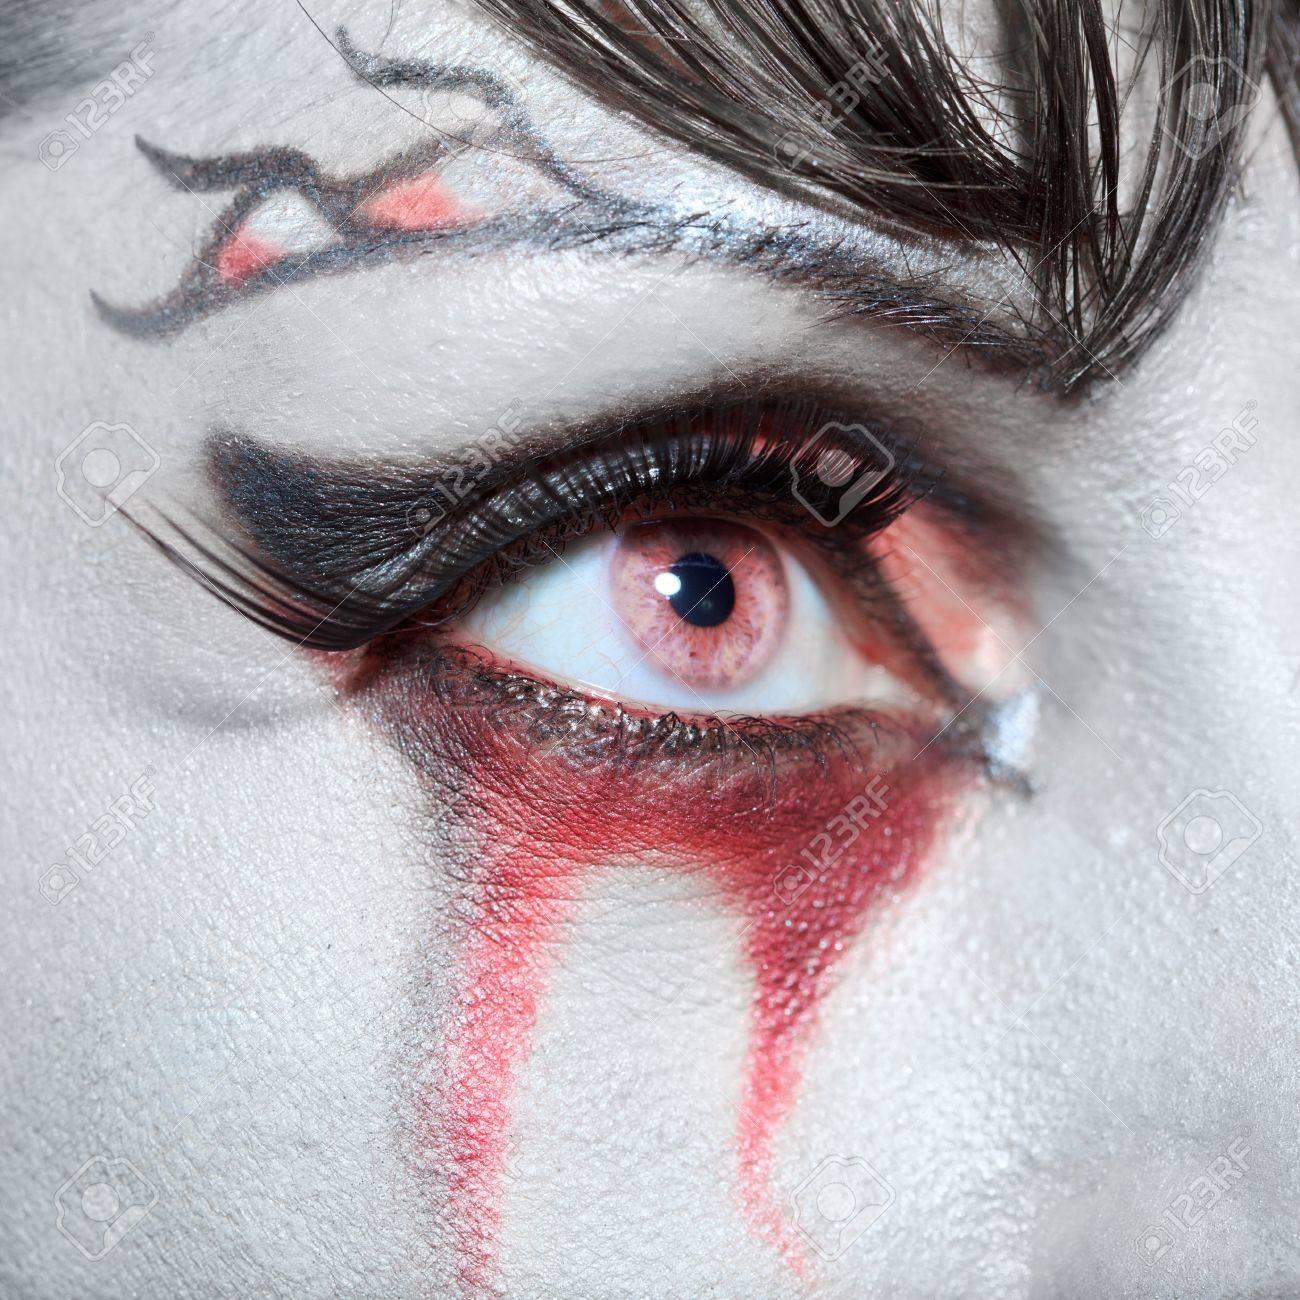 Woman as a vampire. Halloween face art Stock Photo - 8069200